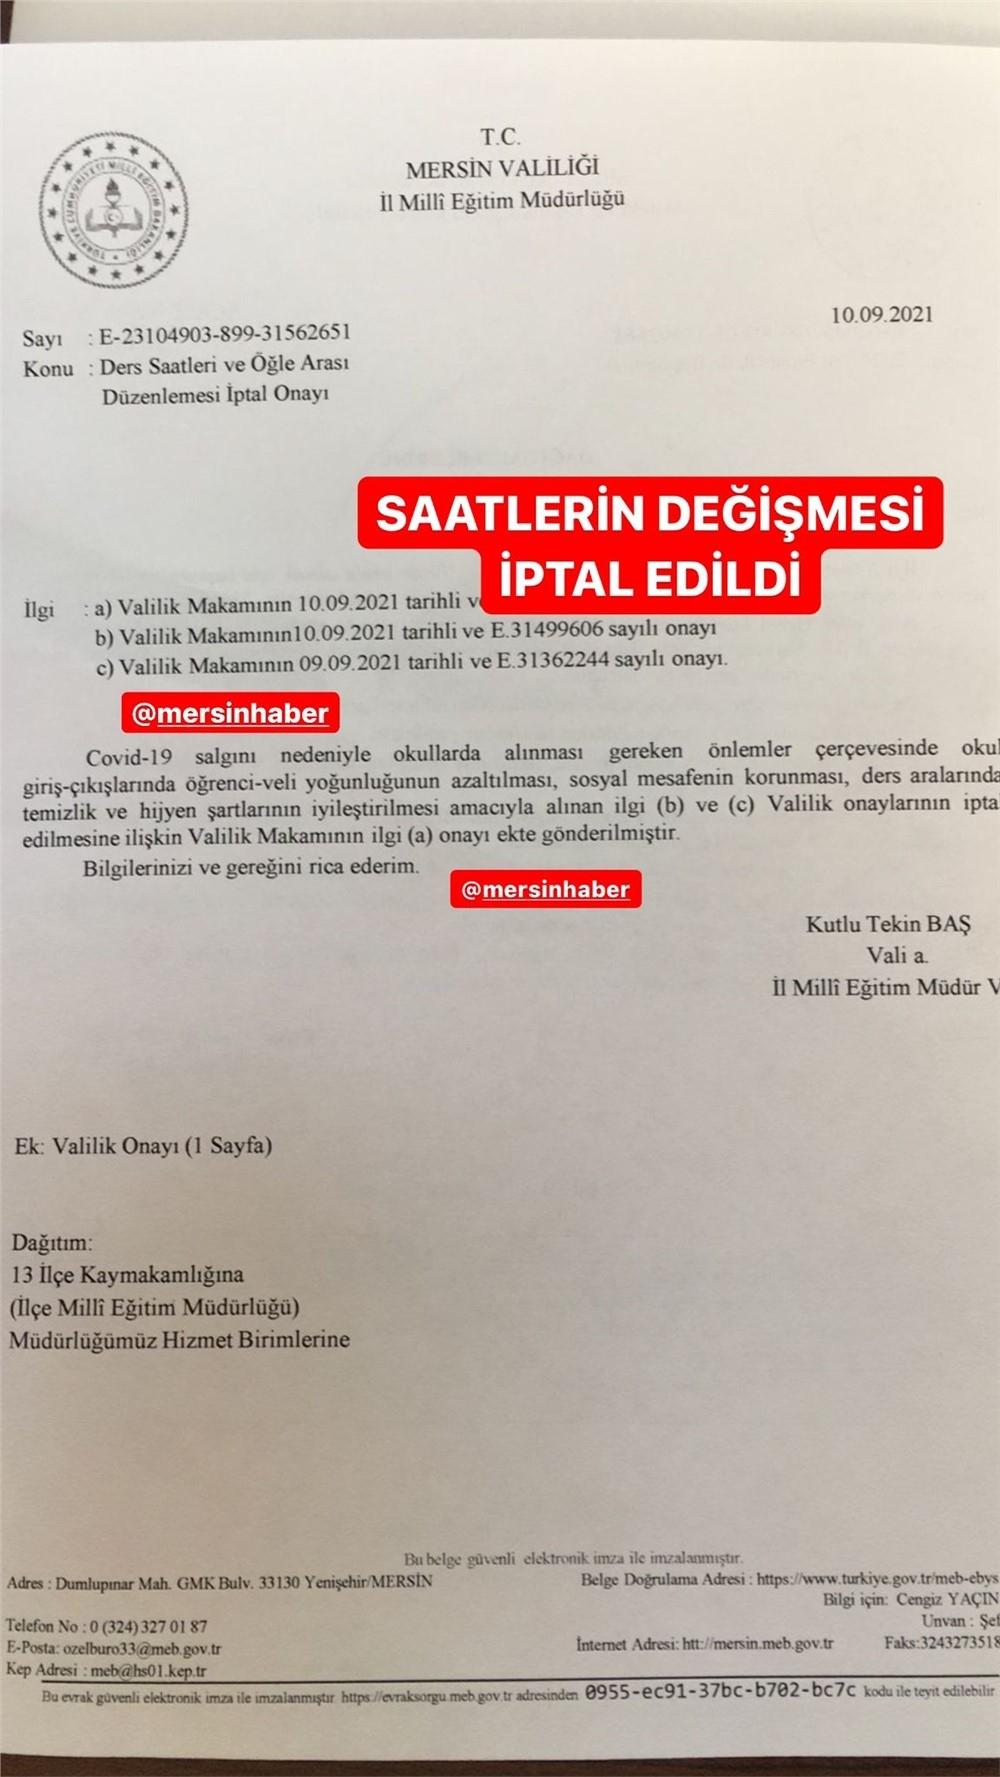 Mersin'de Okul Ders ve Öğle Tatili Saatleri Değişmesi Kararı İptal Edildi